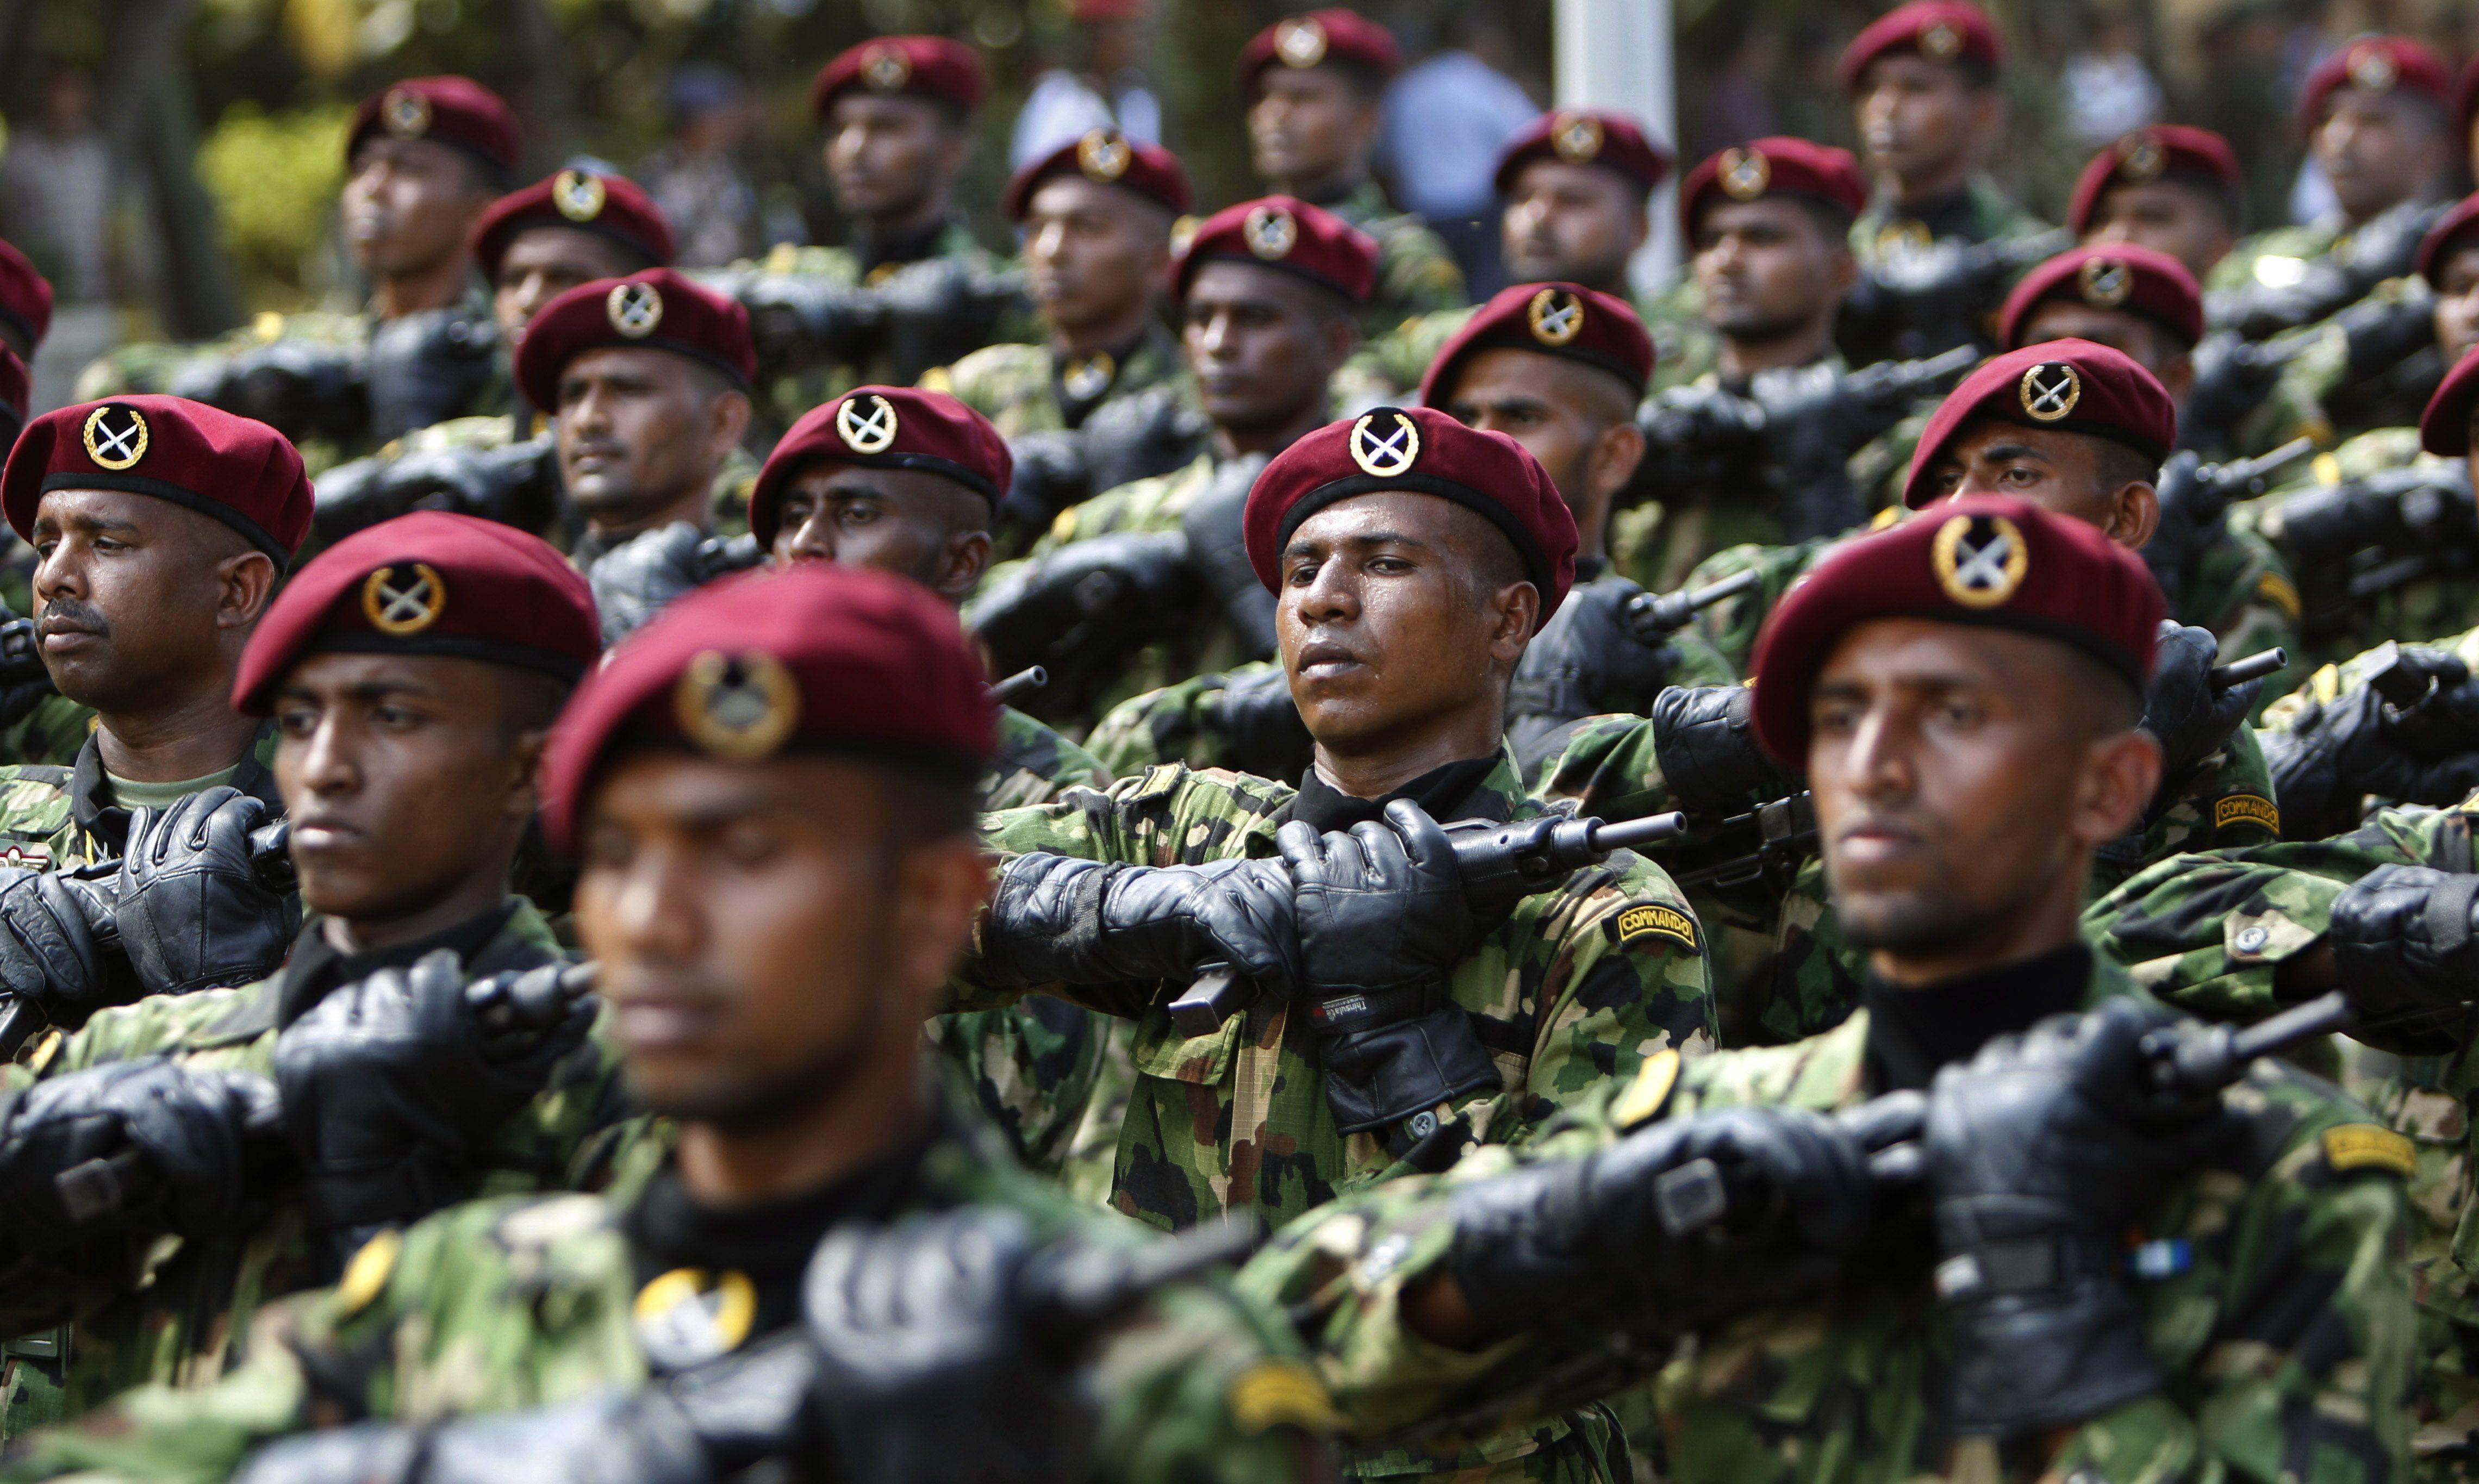 Los oficiales de ejército de Sri Lanka durante los ensayos de un desfile militar en Colombo, Sri Lanka (Gemunu Amarasinghe/AP)